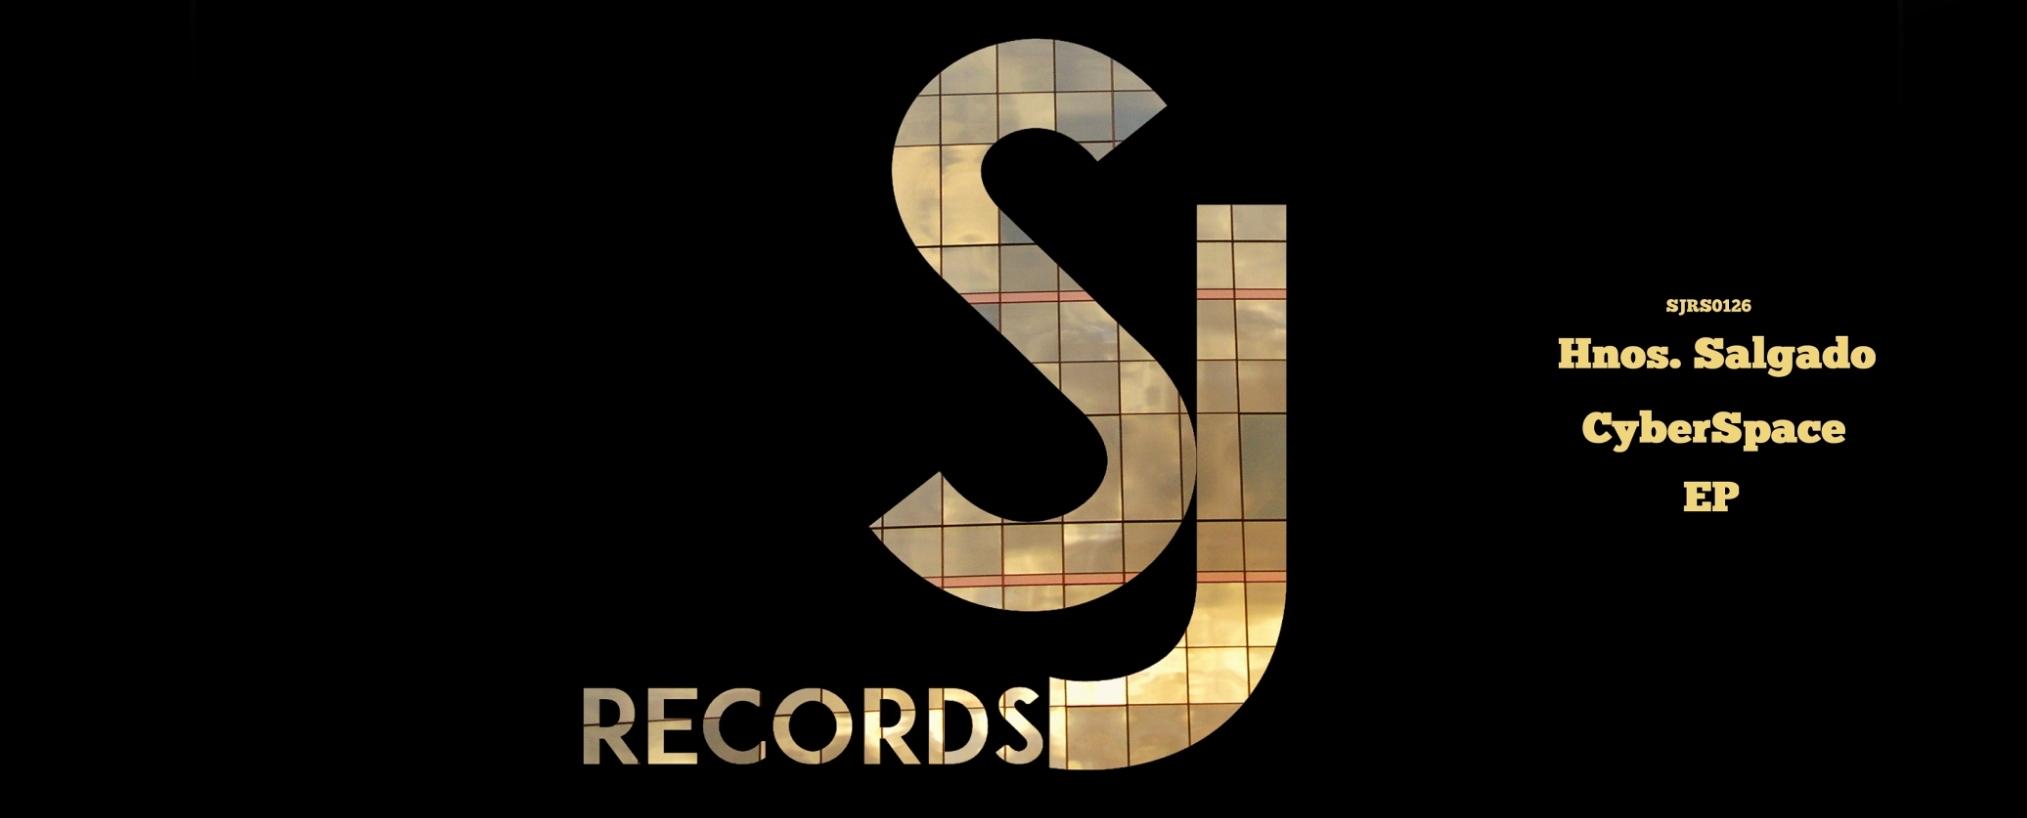 sjrs0126-slide-2